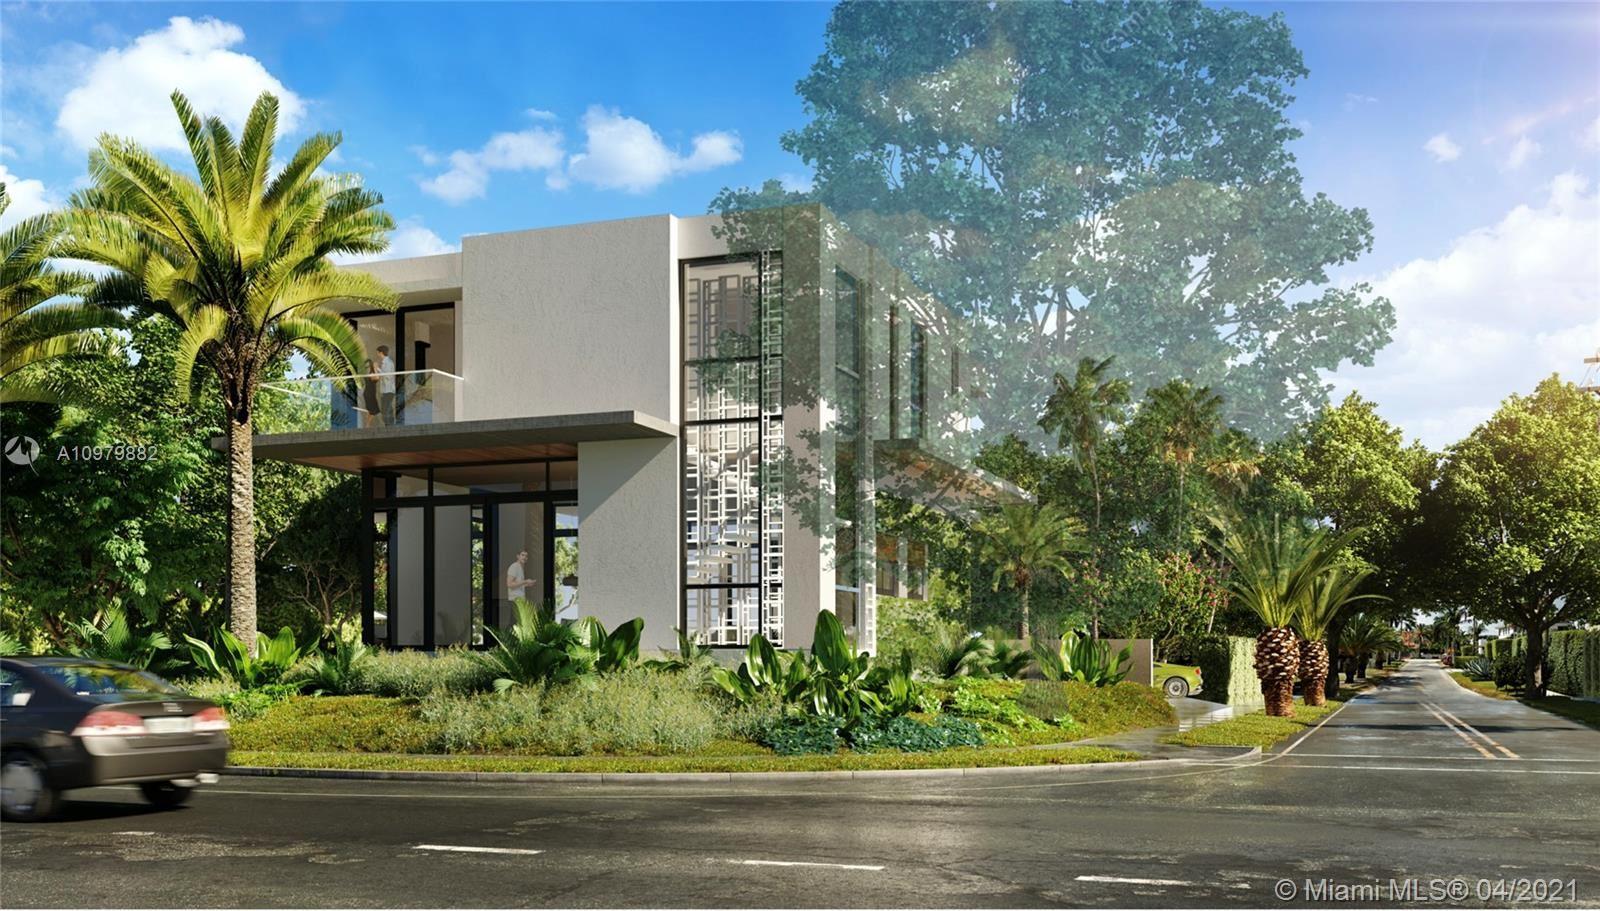 4364 Alton Rd, Miami Beach, FL 33140 - #: A10979882